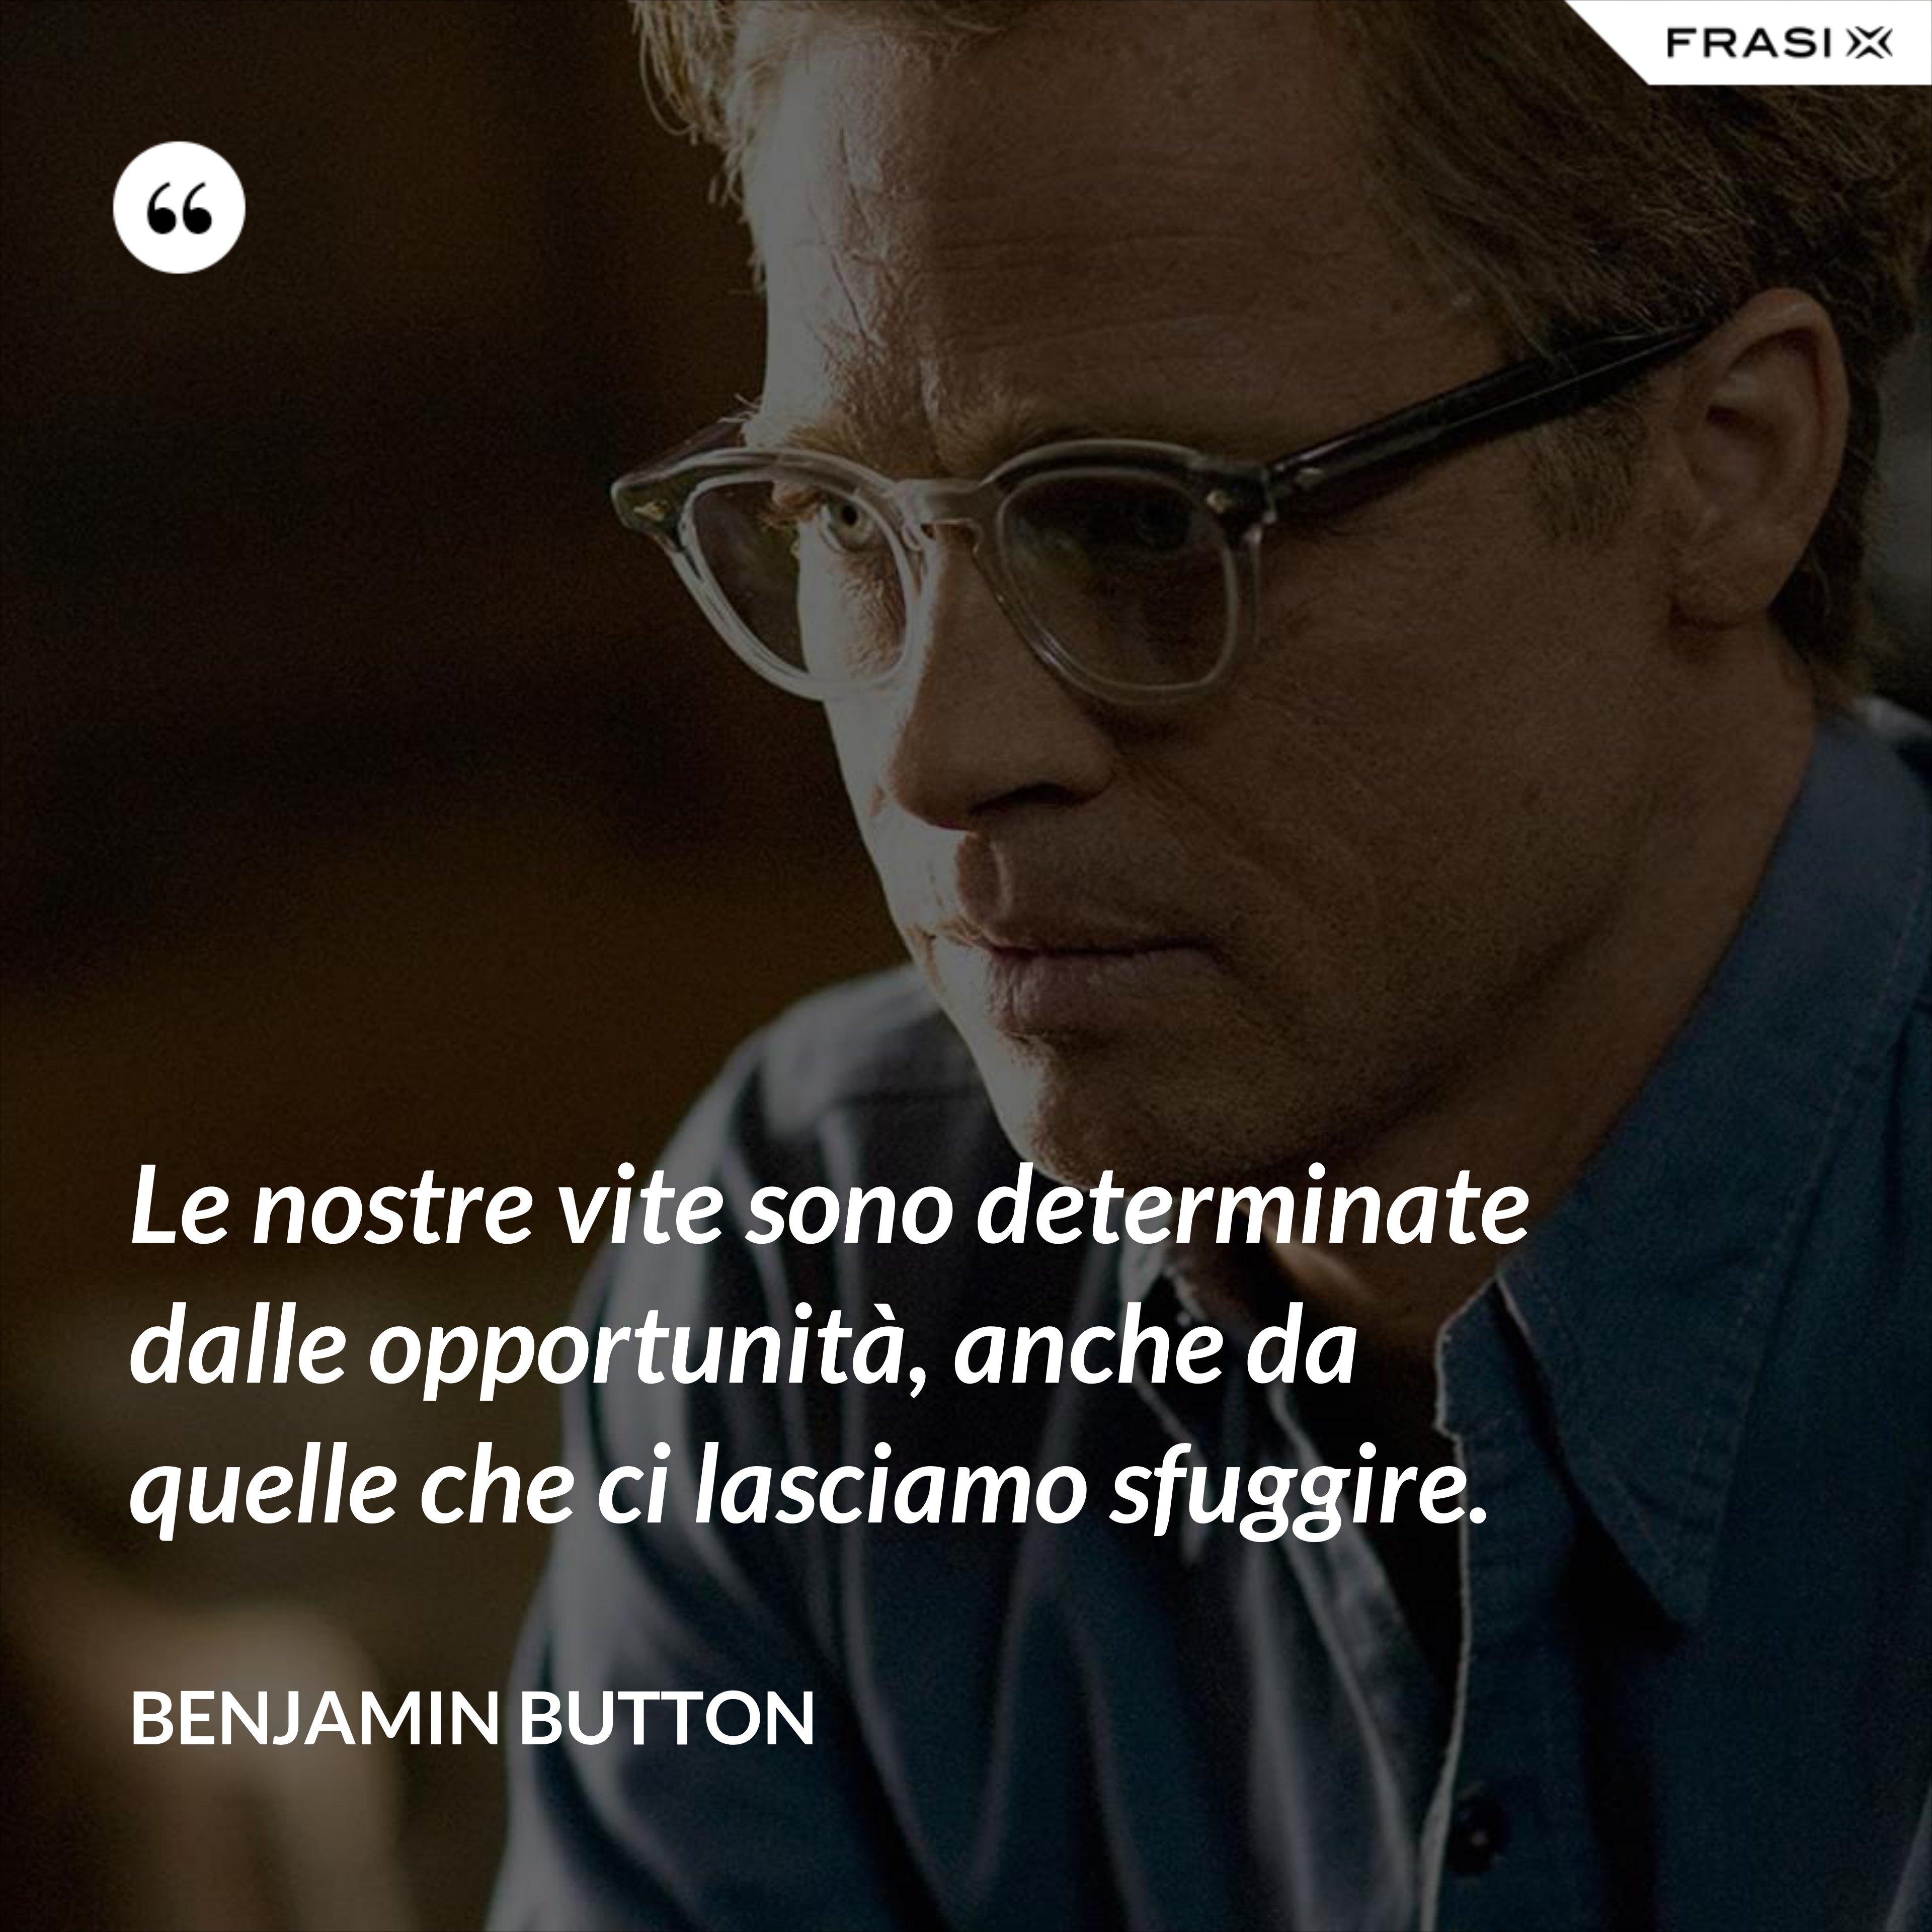 Le nostre vite sono determinate dalle opportunità, anche da quelle che ci lasciamo sfuggire. - Benjamin Button